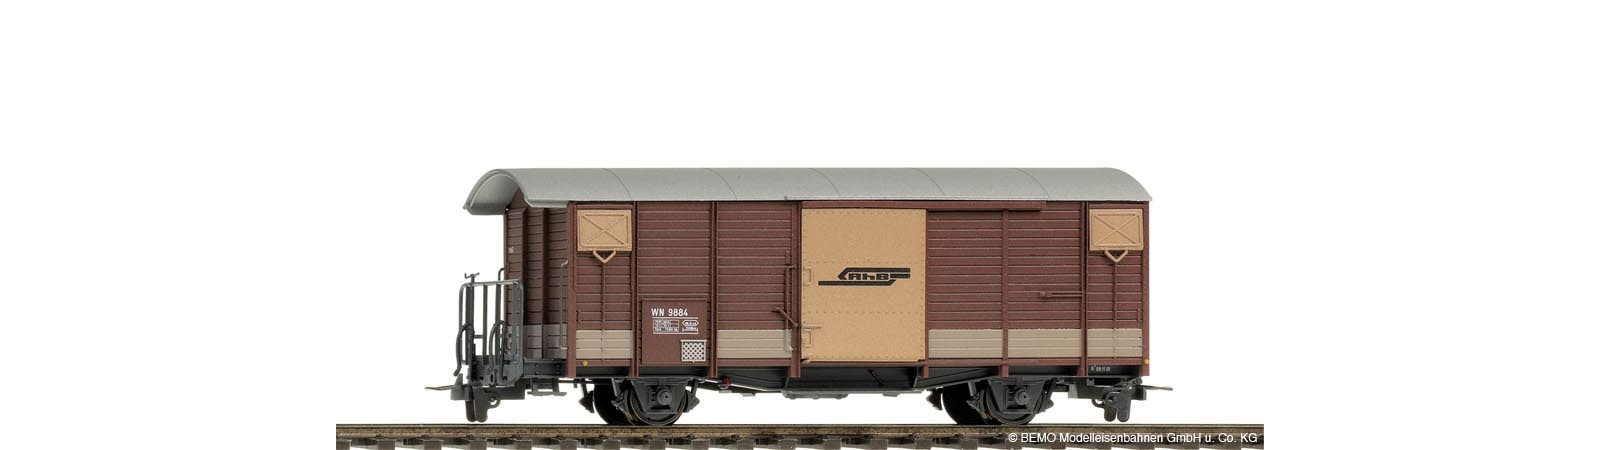 2250154 RhB WN 9884 Nostalgiewagen braun-1